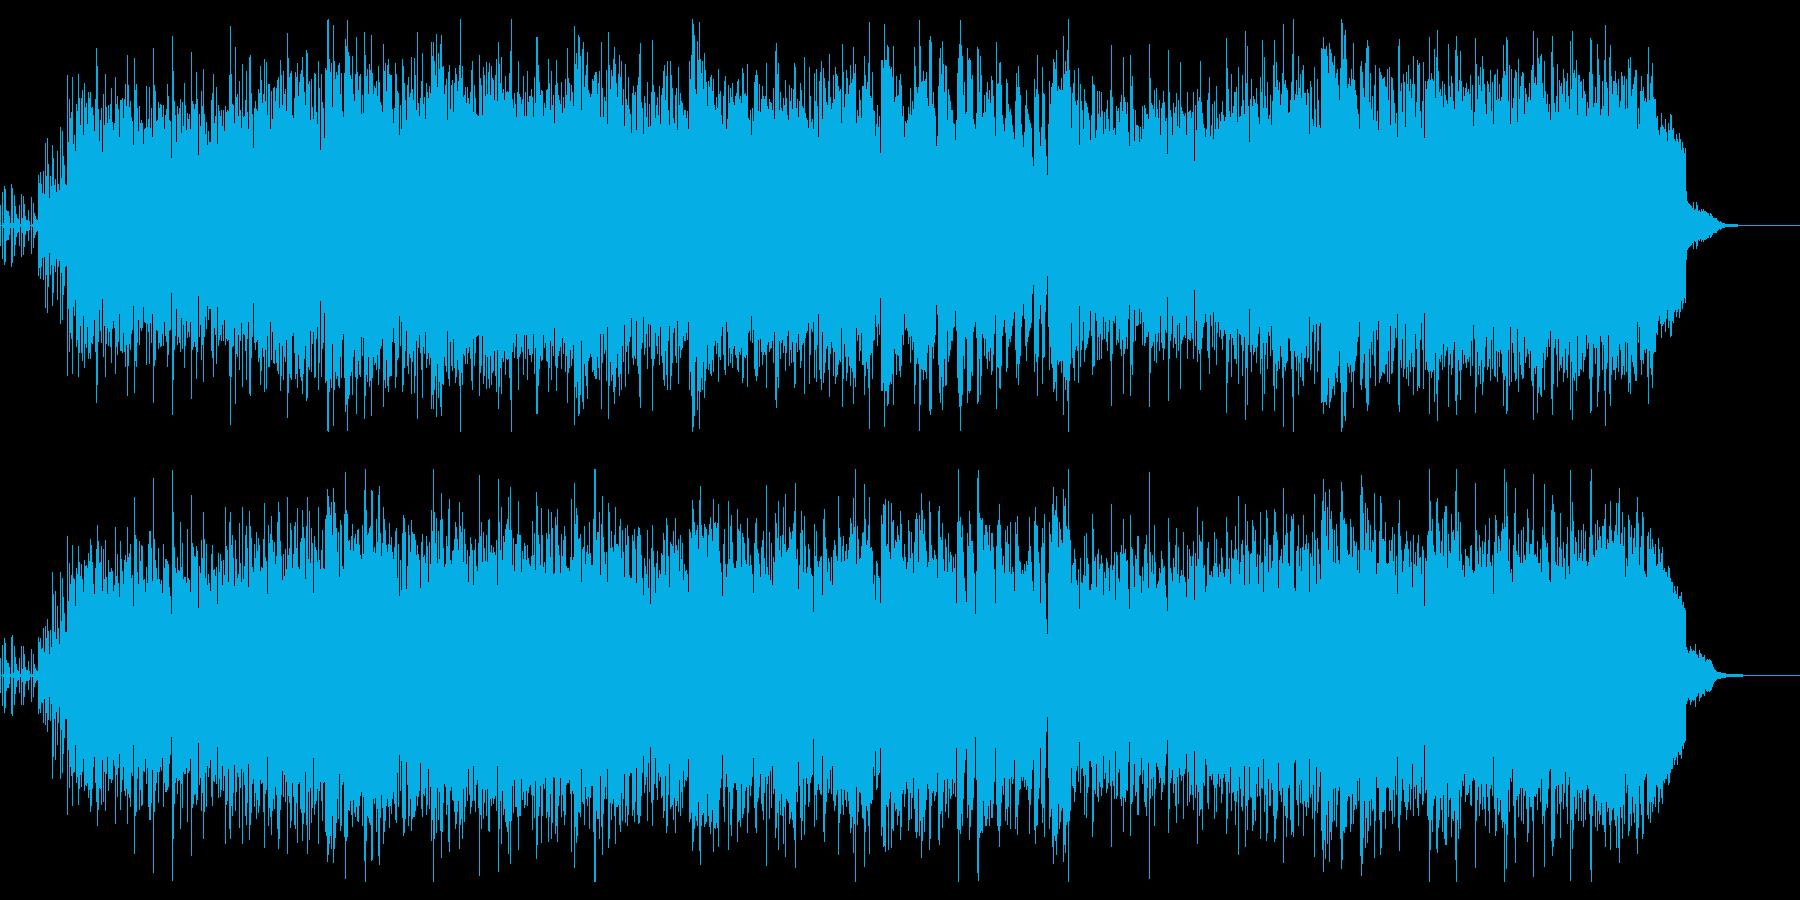 ラテン楽器が賑やかな、爽やかポップスの再生済みの波形